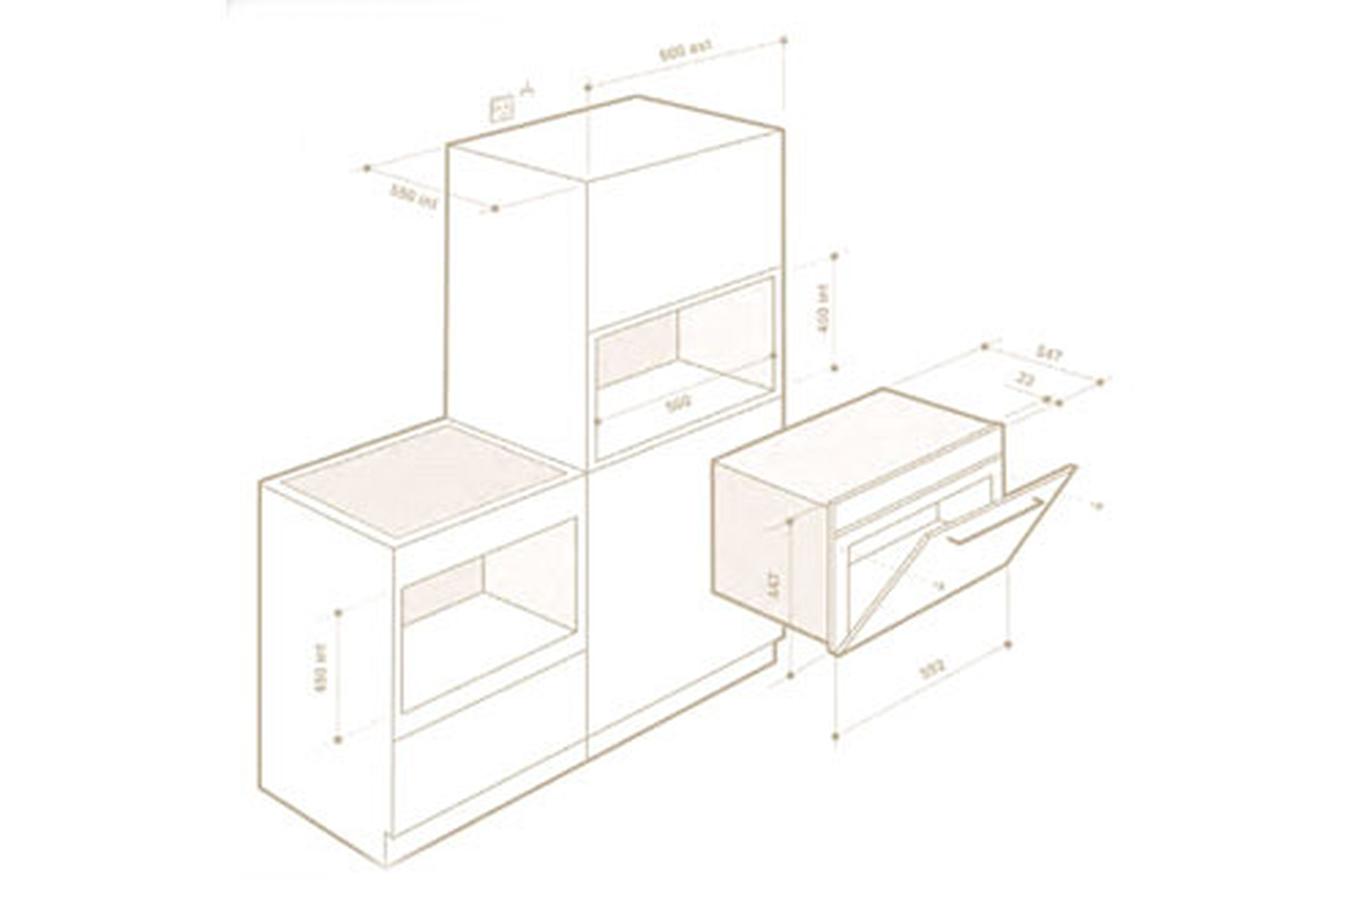 micro ondes combin encastrable de dietrich dme 1140 b. Black Bedroom Furniture Sets. Home Design Ideas